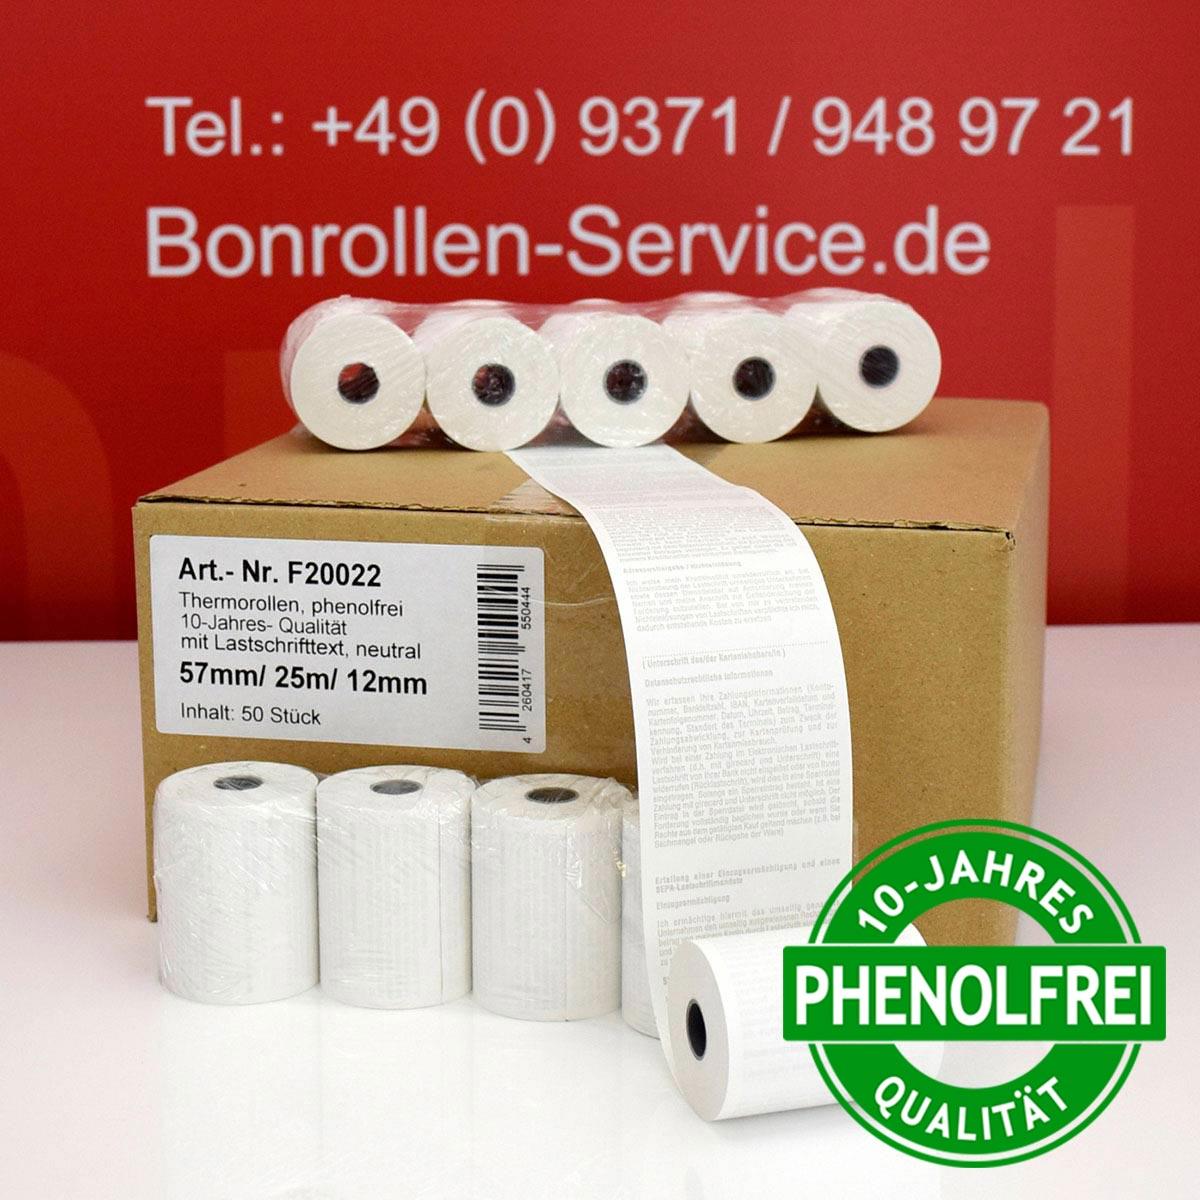 Phenolfreie EC-Thermorollen 57 / 25m / 12 weiß, mit SEPA-Text